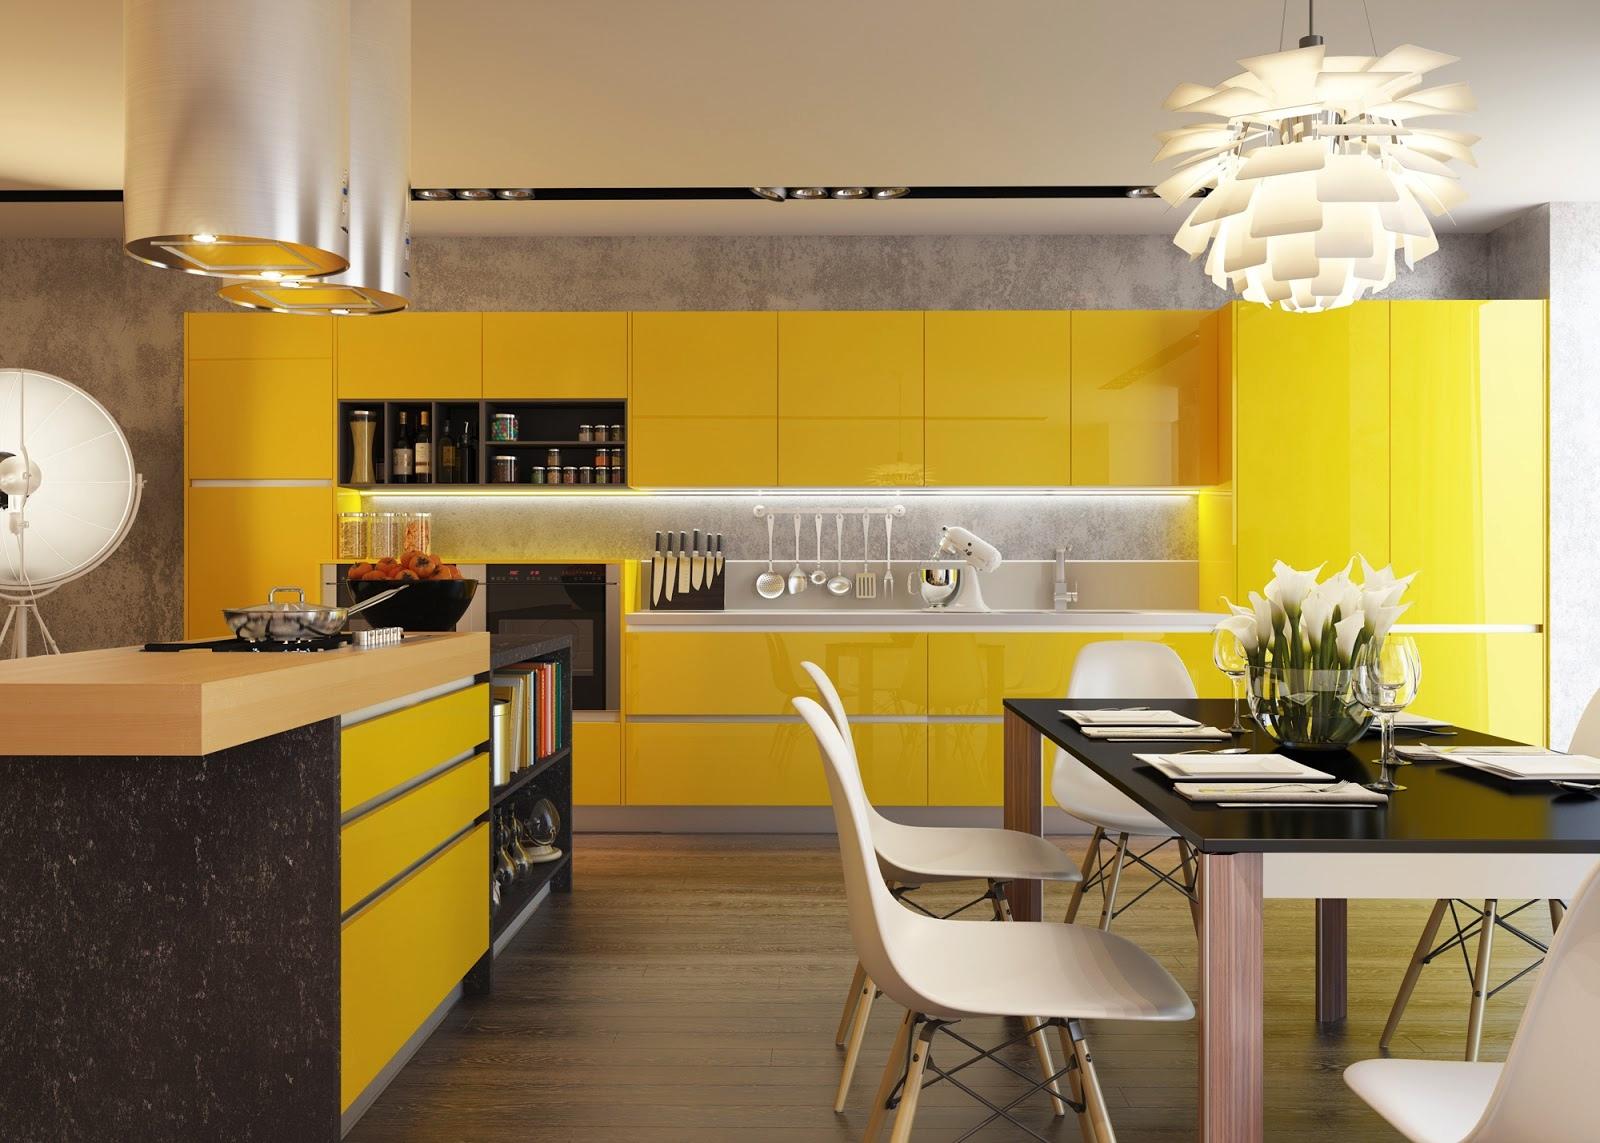 Yellow kitchen units